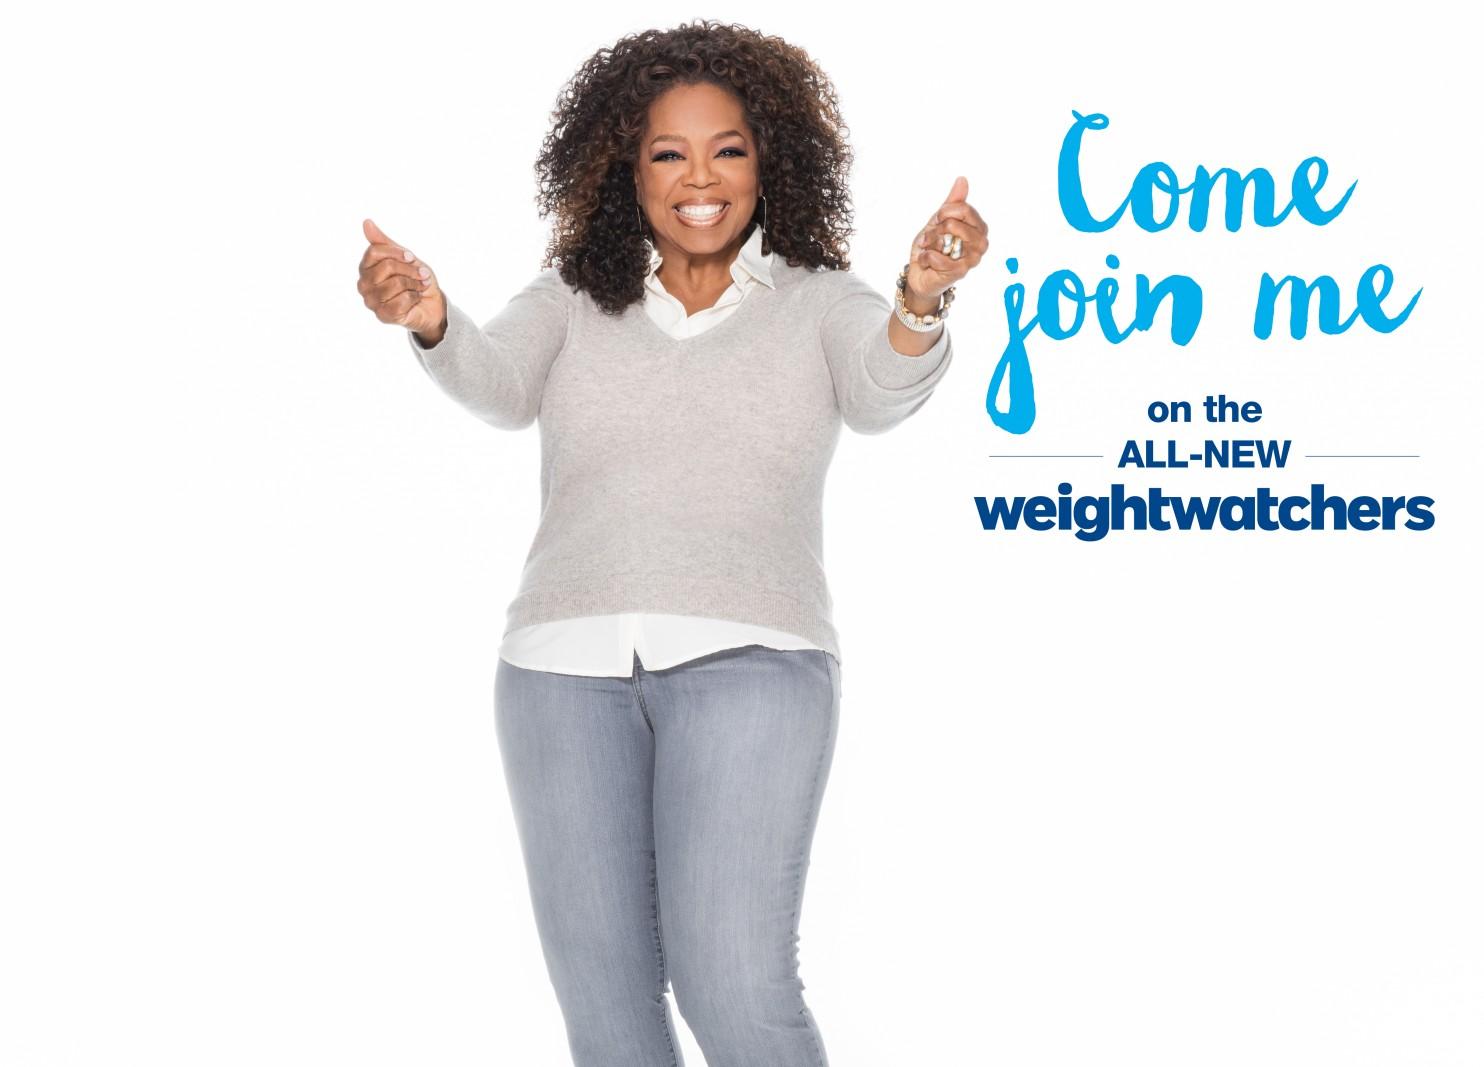 Oprah Weight Watchers.jpg